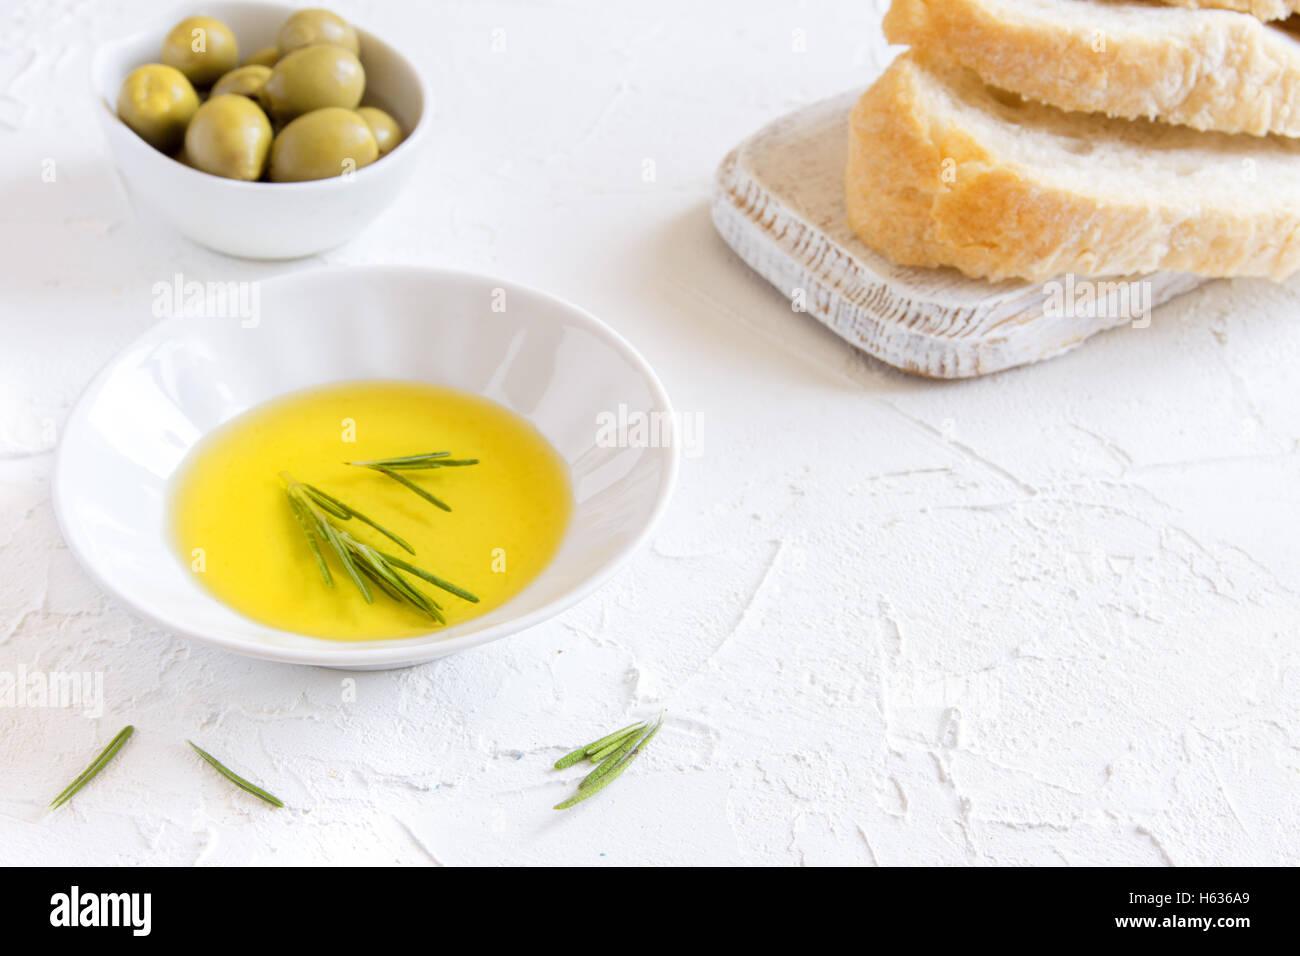 L'huile d'olive bio au romarin et de pain sur fond noir en blanc avec copie espace, concept d'aliments Photo Stock